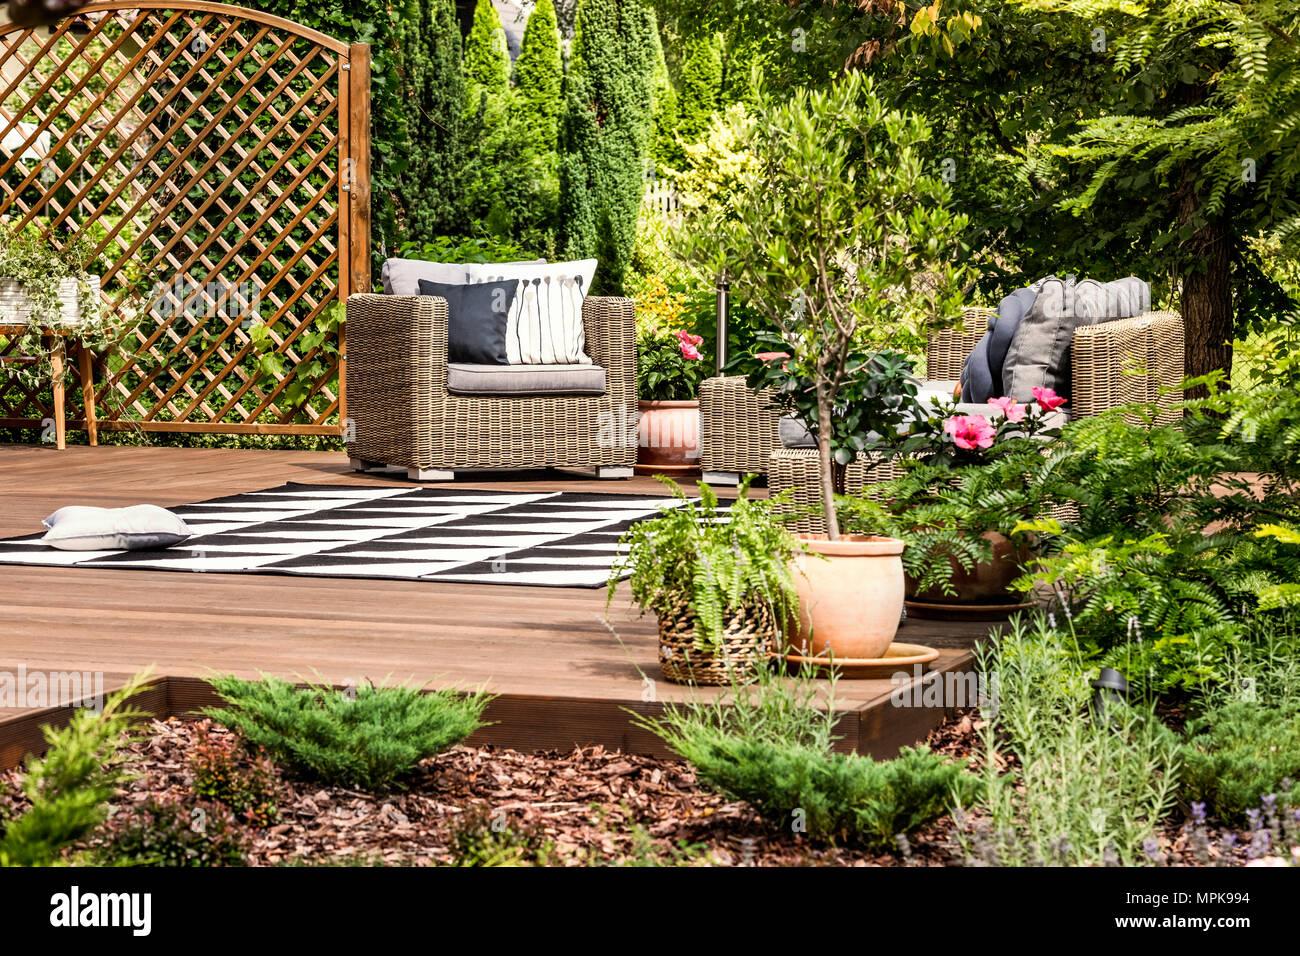 Jardín Con Mesas Y Sillas De Mimbre En Una Terraza Decorada